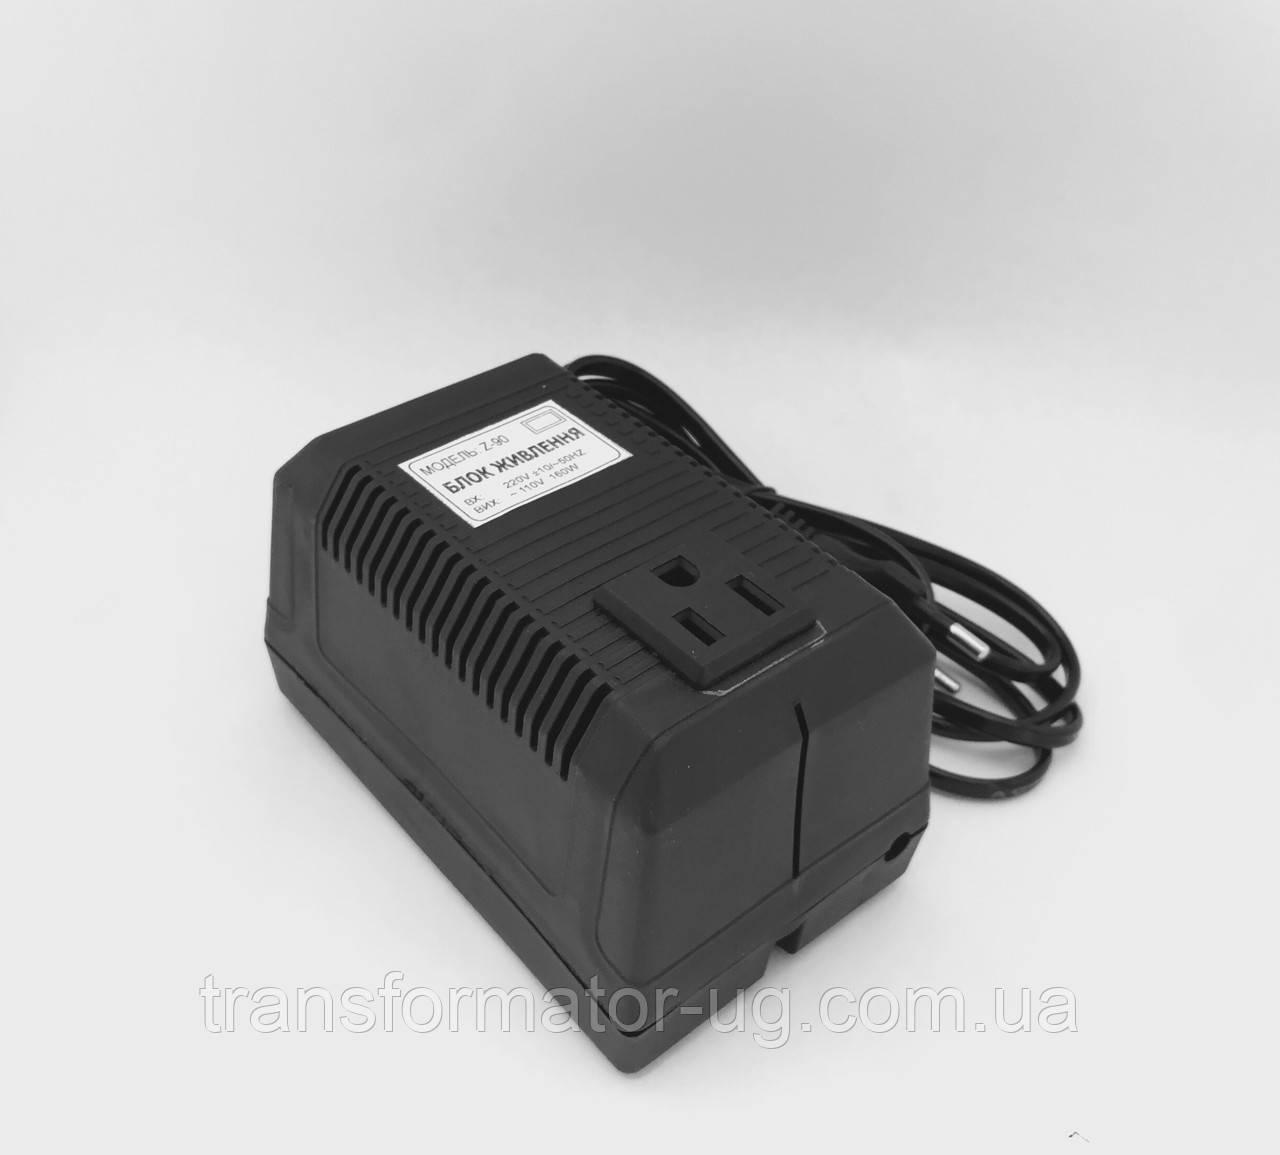 Преобразователь напряжения с 220v на 110v-120V 160W